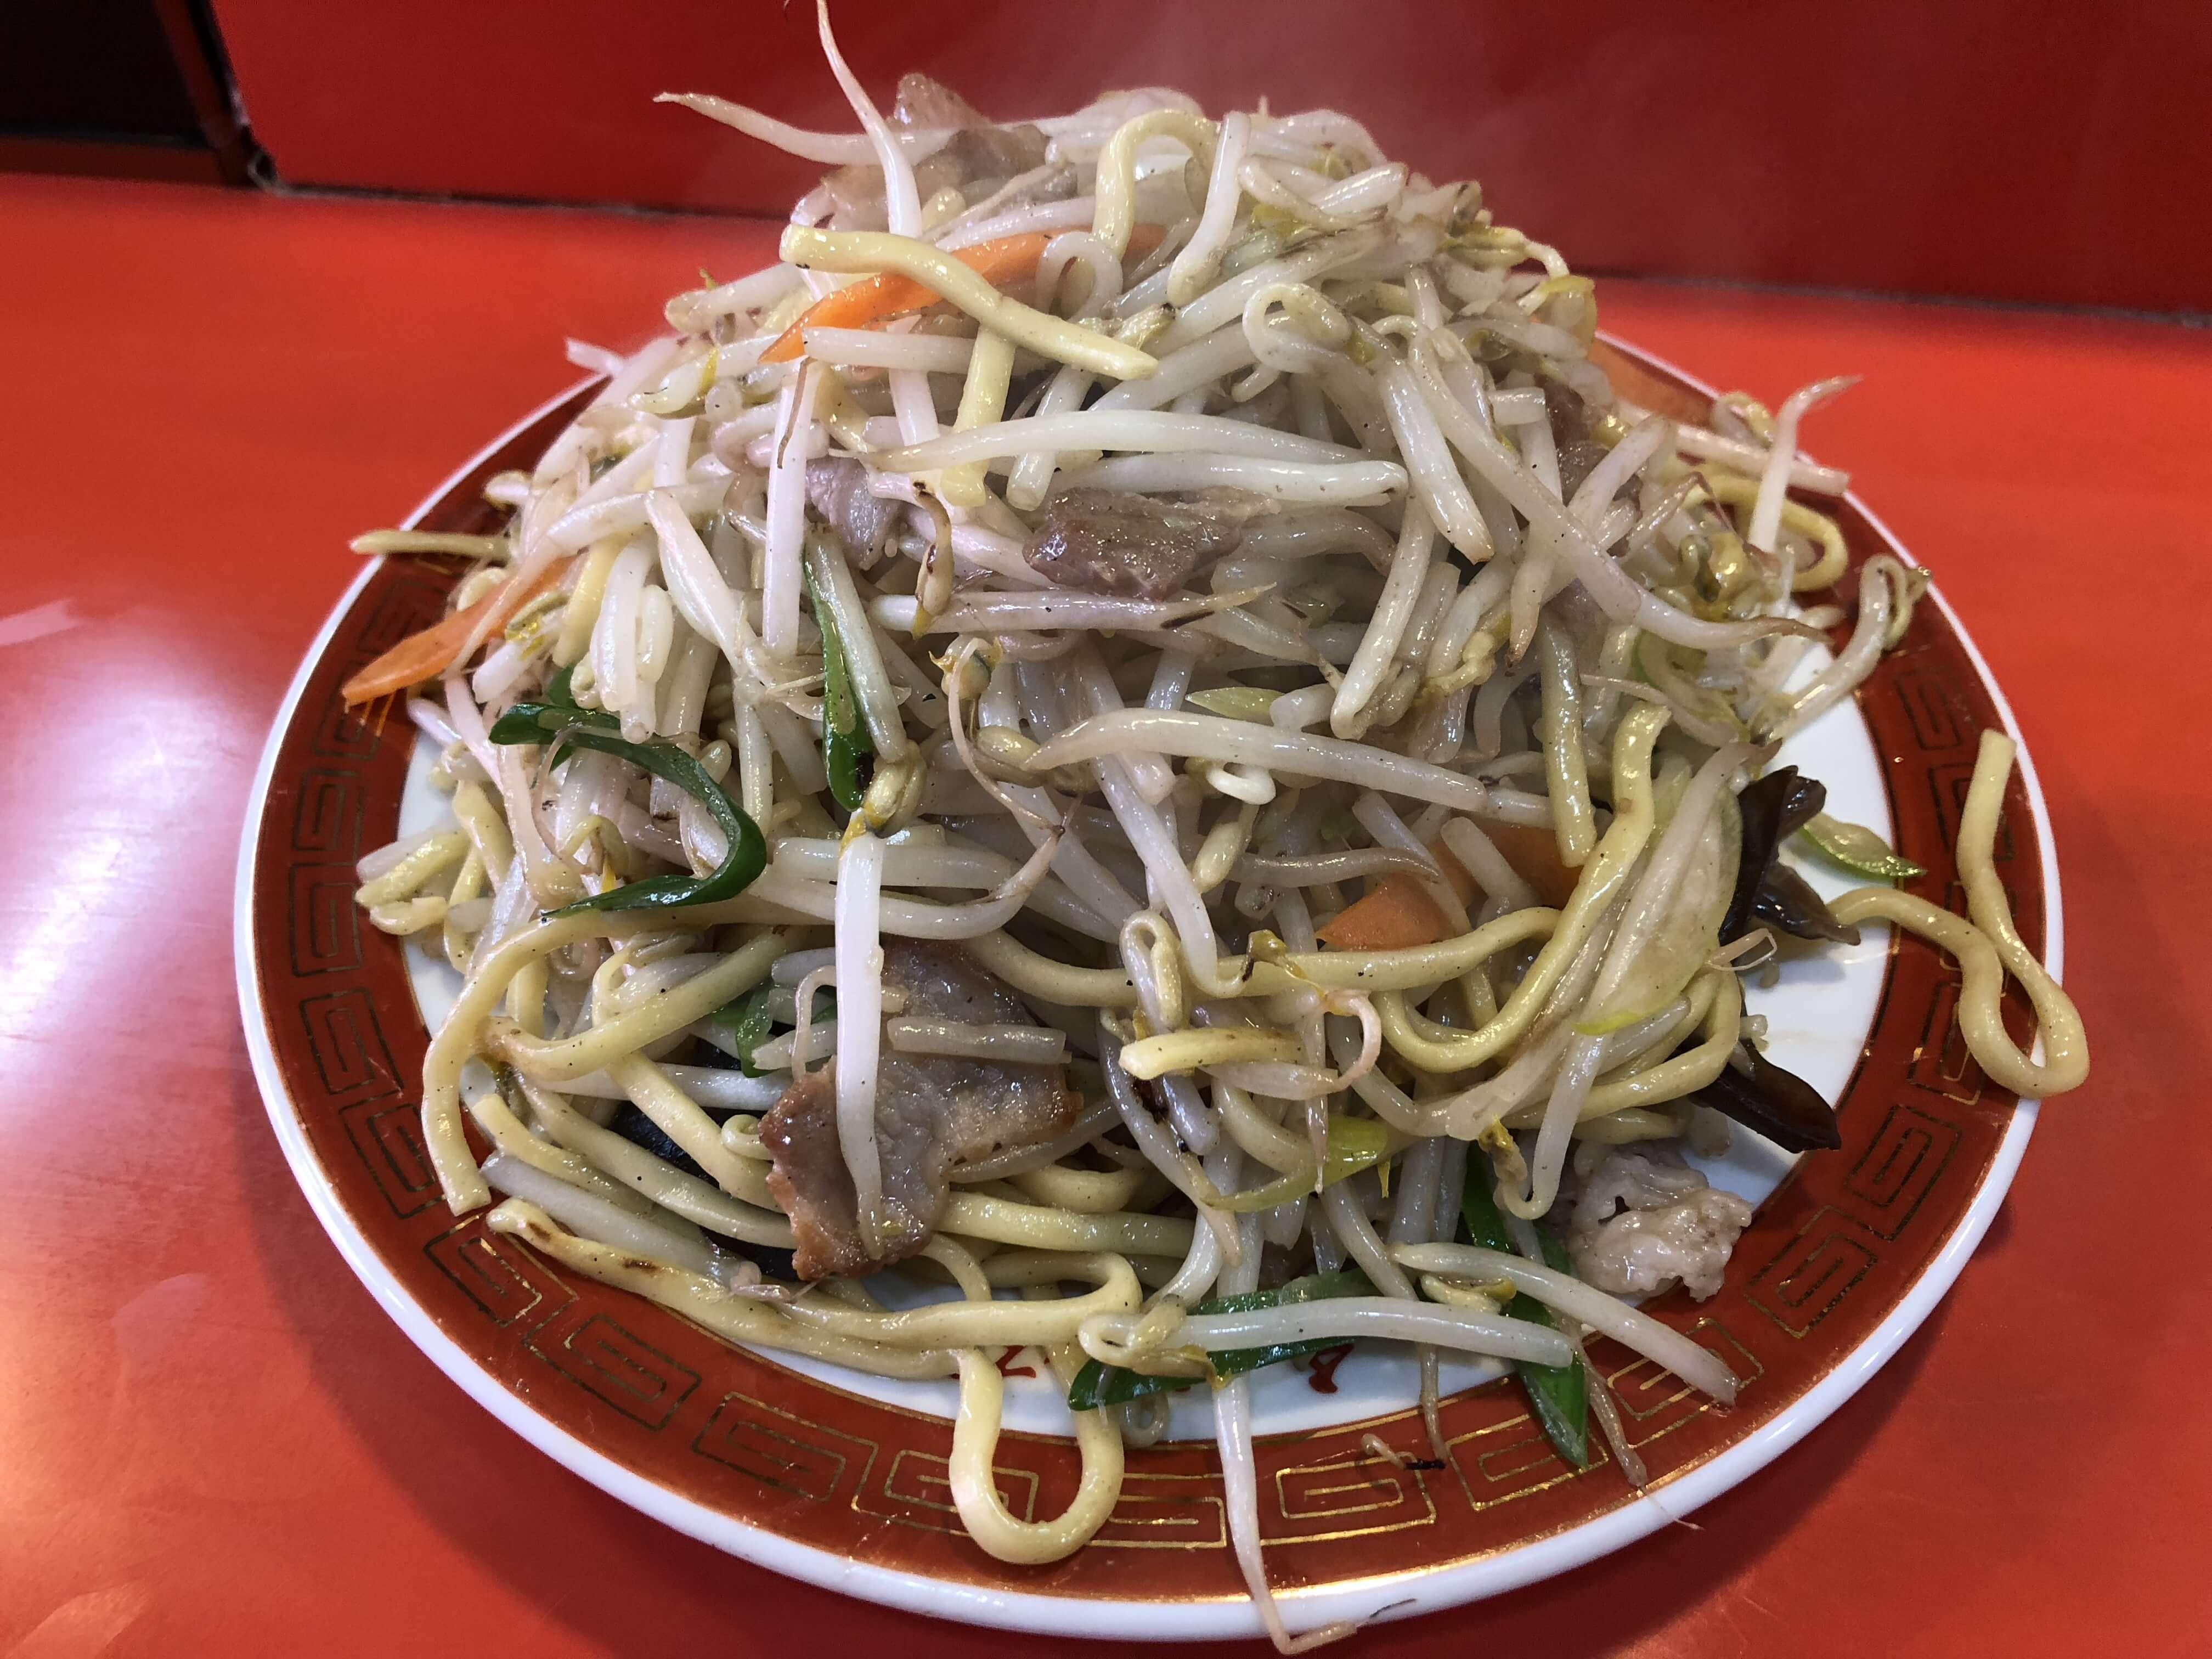 「 珍香楼 」昔ながらの中華料理店でボリューム満点具沢山の焼きそば